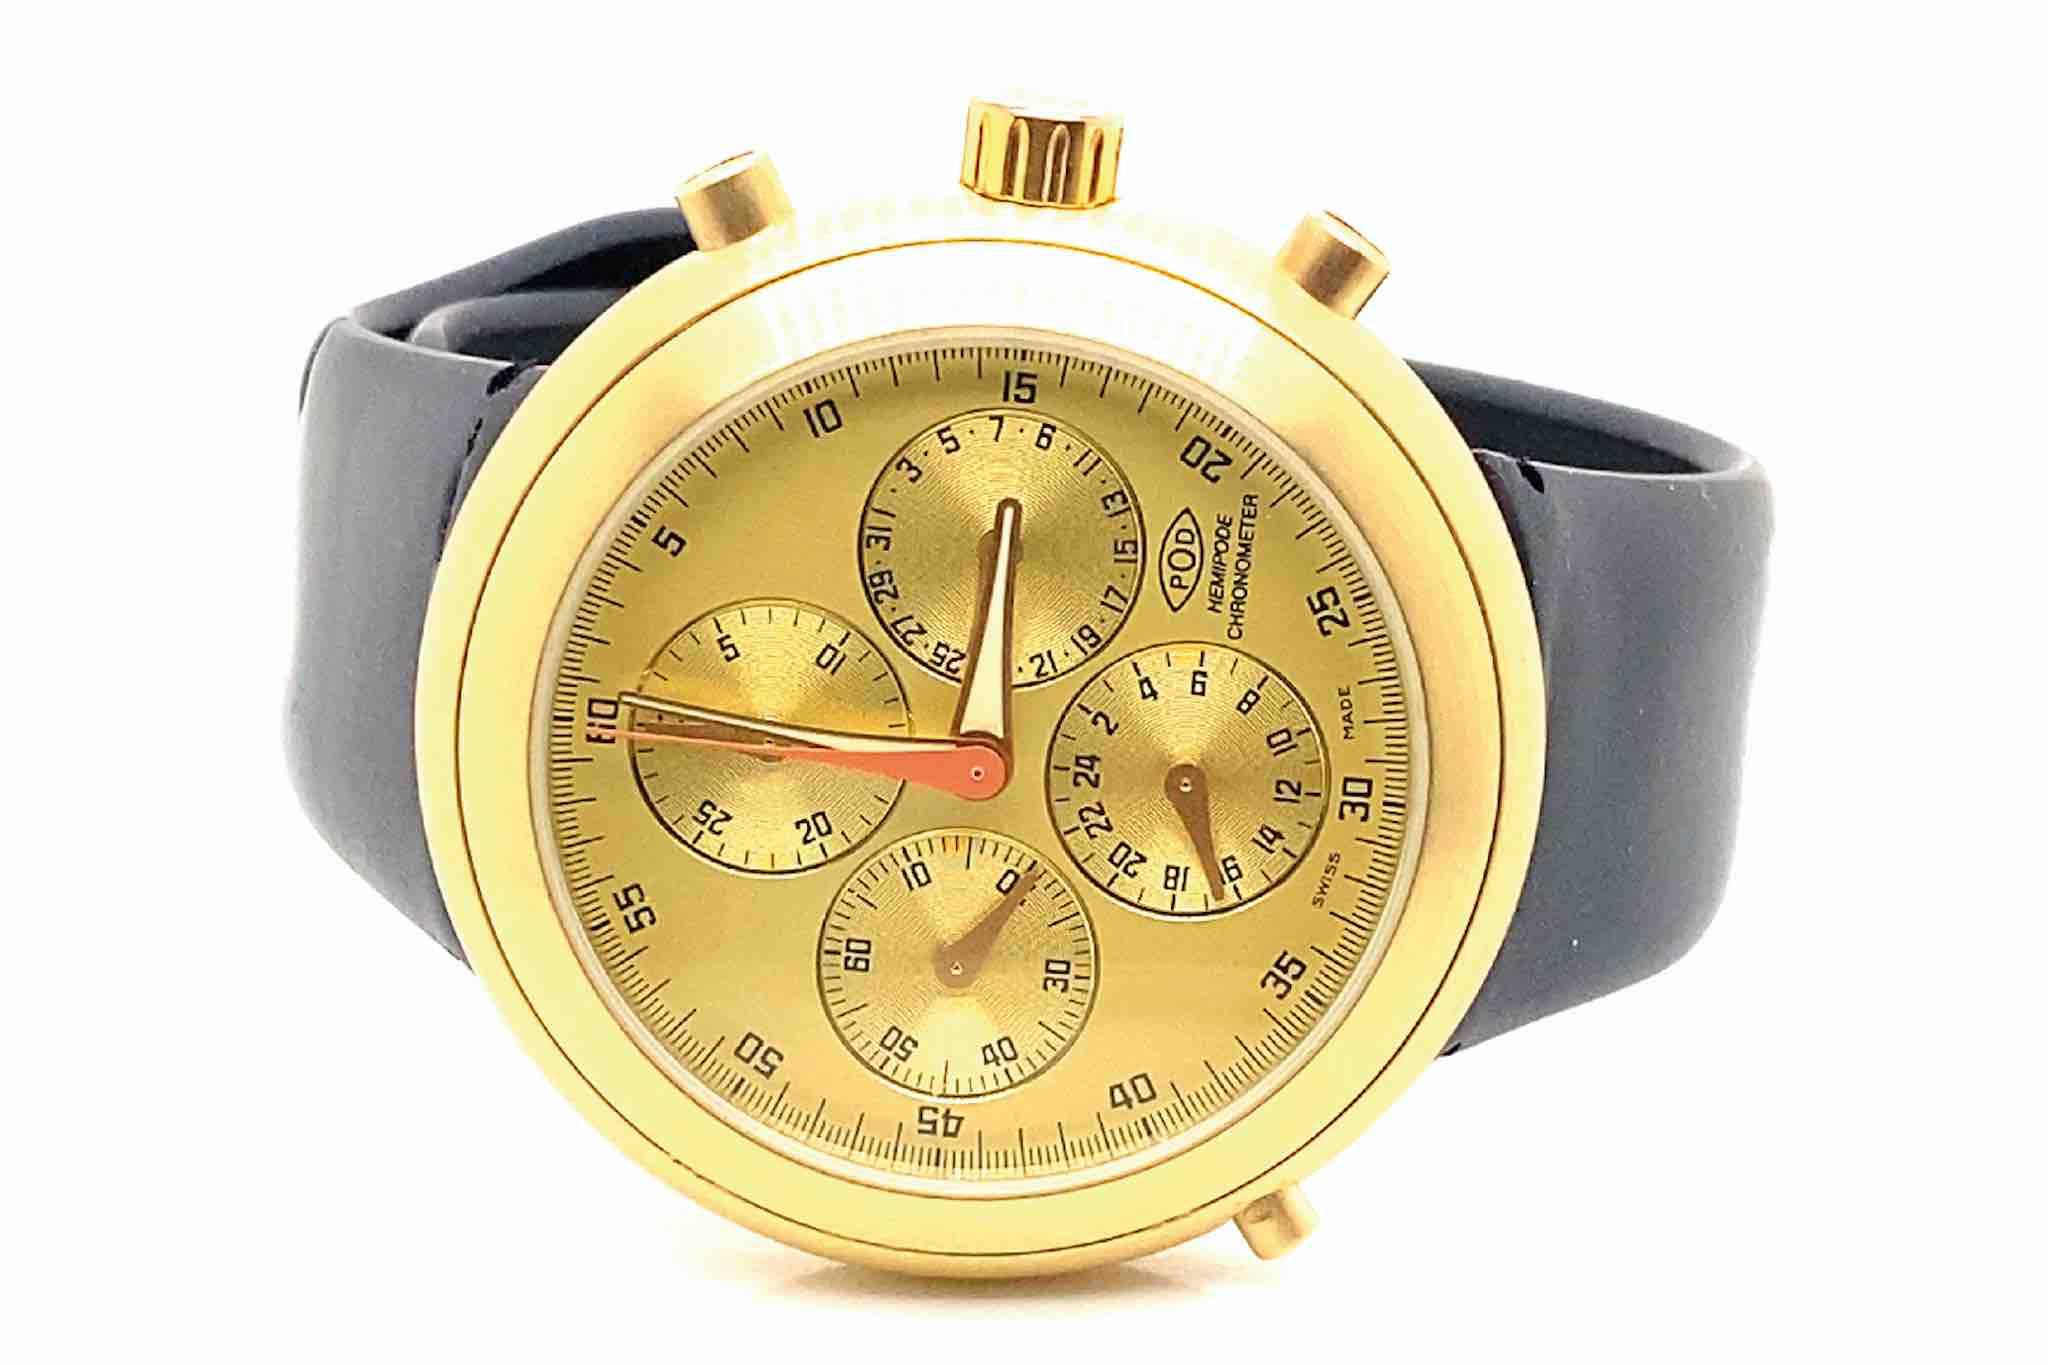 Montre Ikepod hemipod chronograph